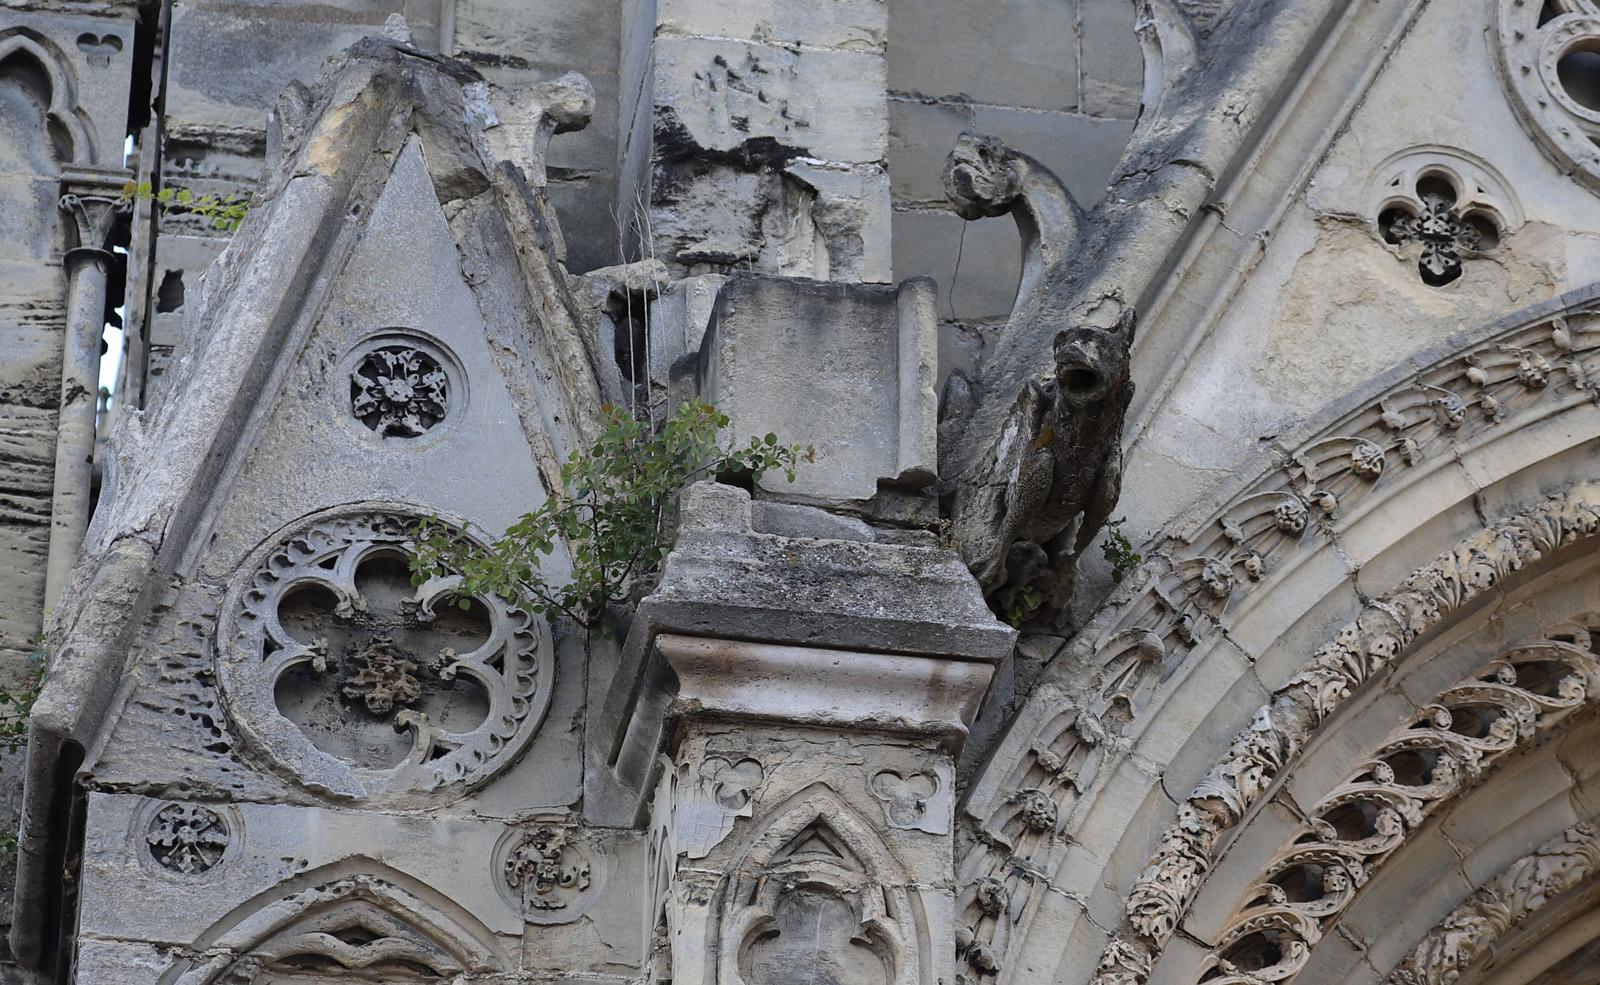 Pierres sculptée du gâble triangulaire et du contrefort cassées - Pierre de la gargouille rongée par la mousse et fragilisée – angle portail nord-ouest